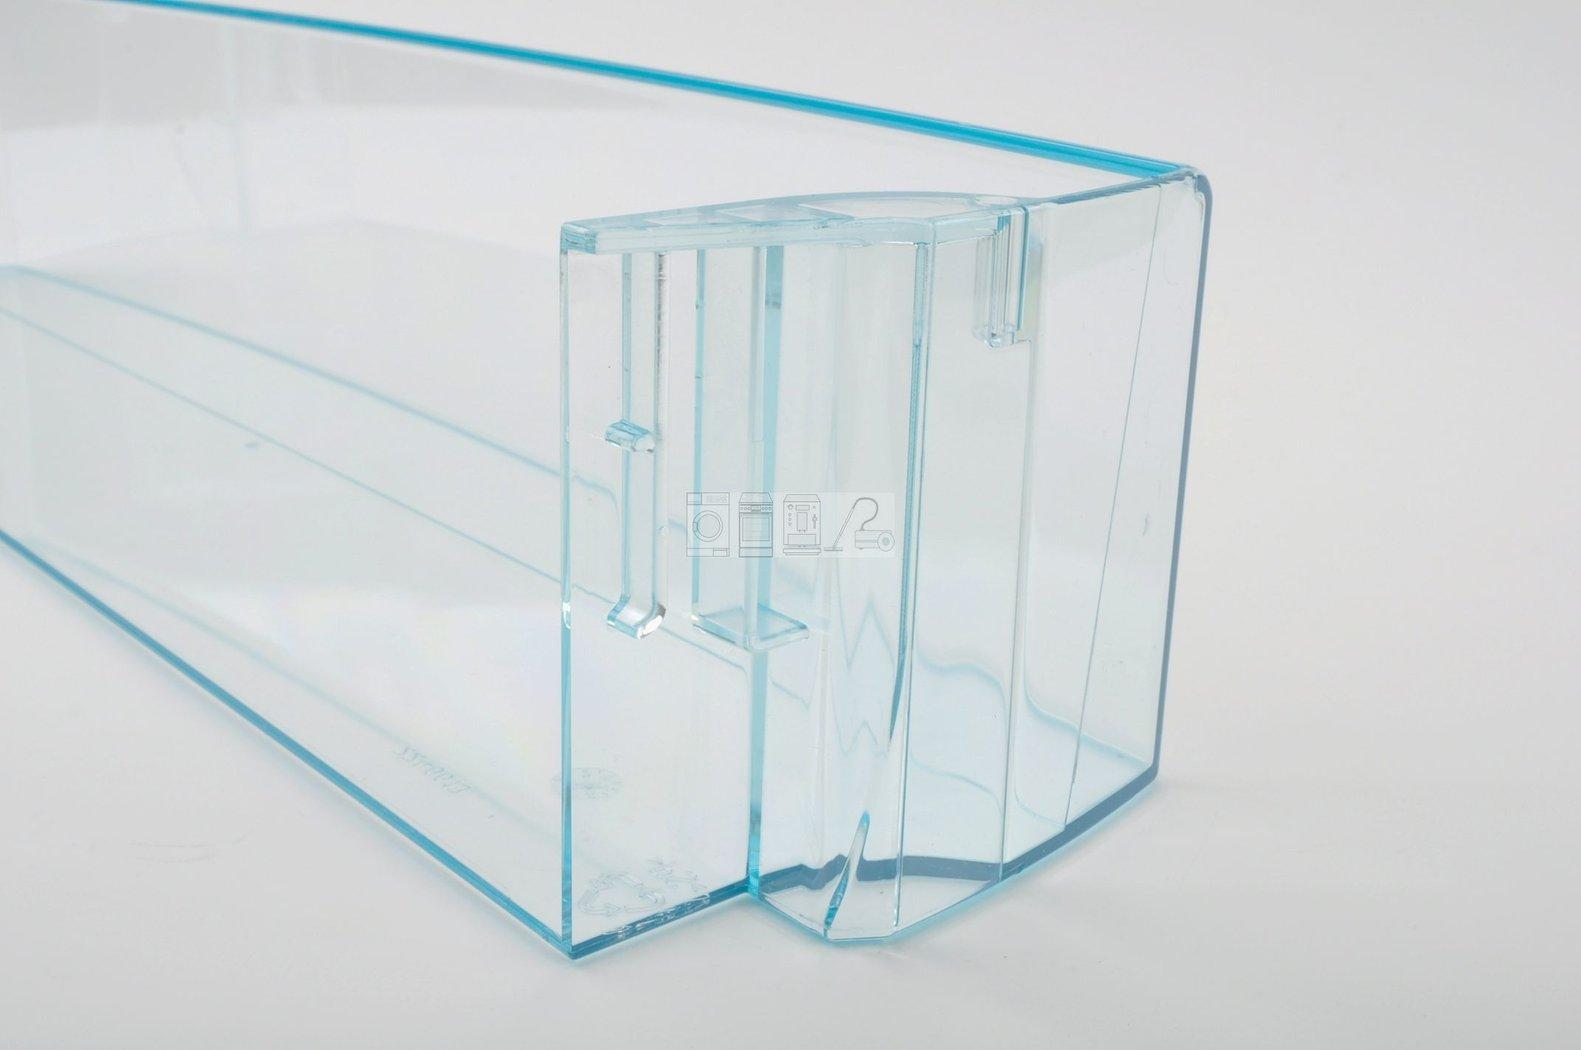 Amica Kühlschrank Schublade : Unterschrank kühlschrank unterschrank für küche kühlschrank